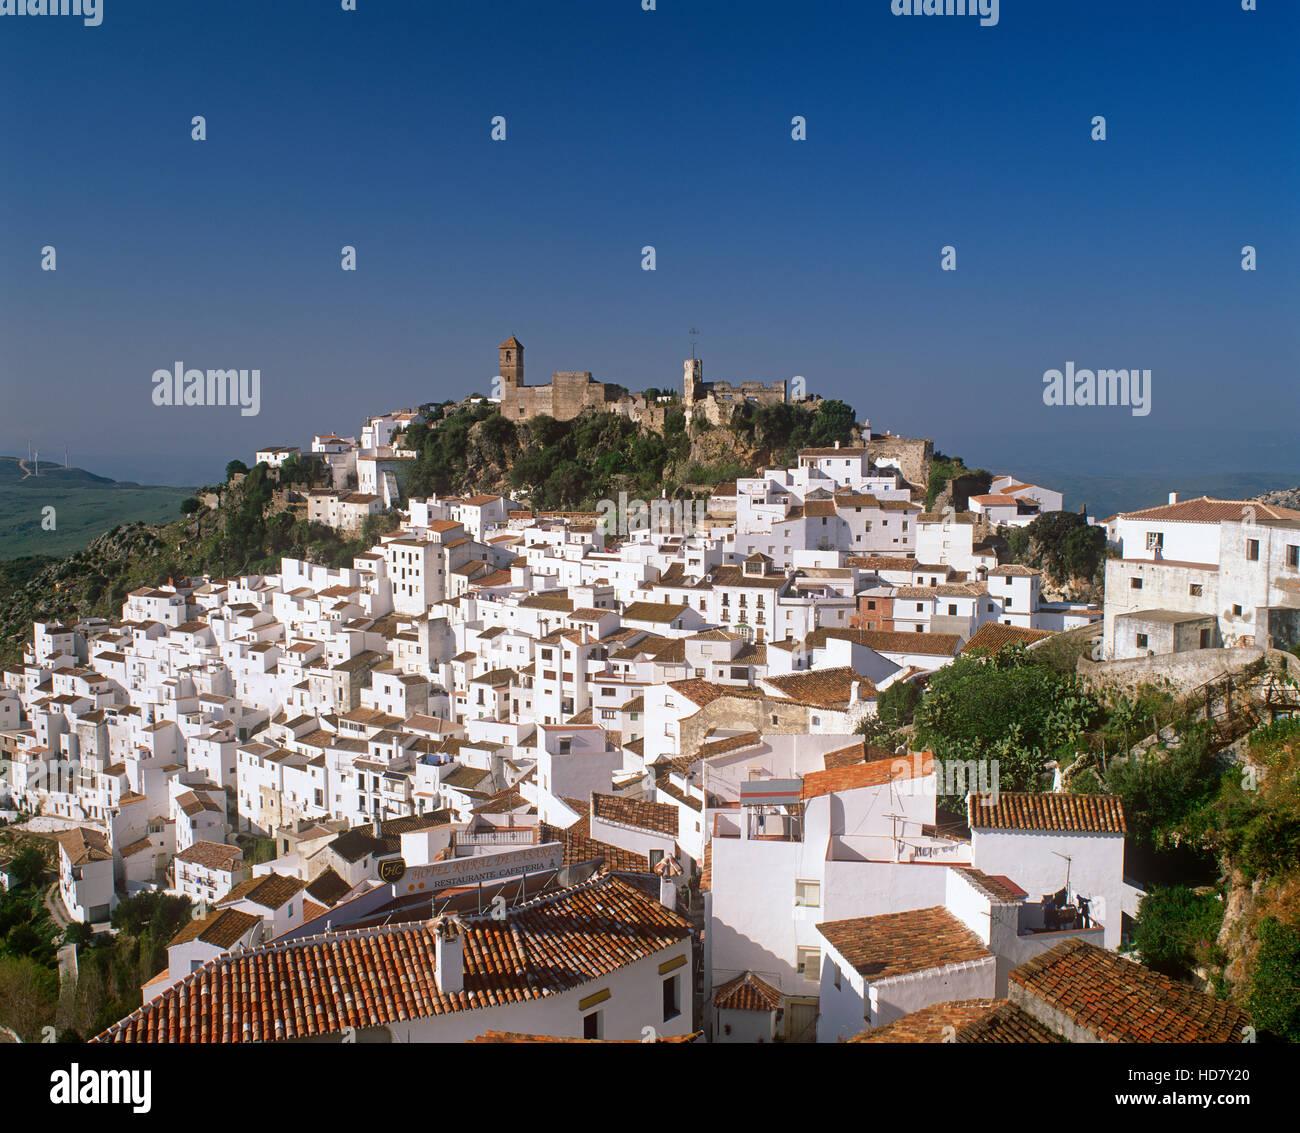 Casares villaggio bianco, Andalusia, Spagna Immagini Stock